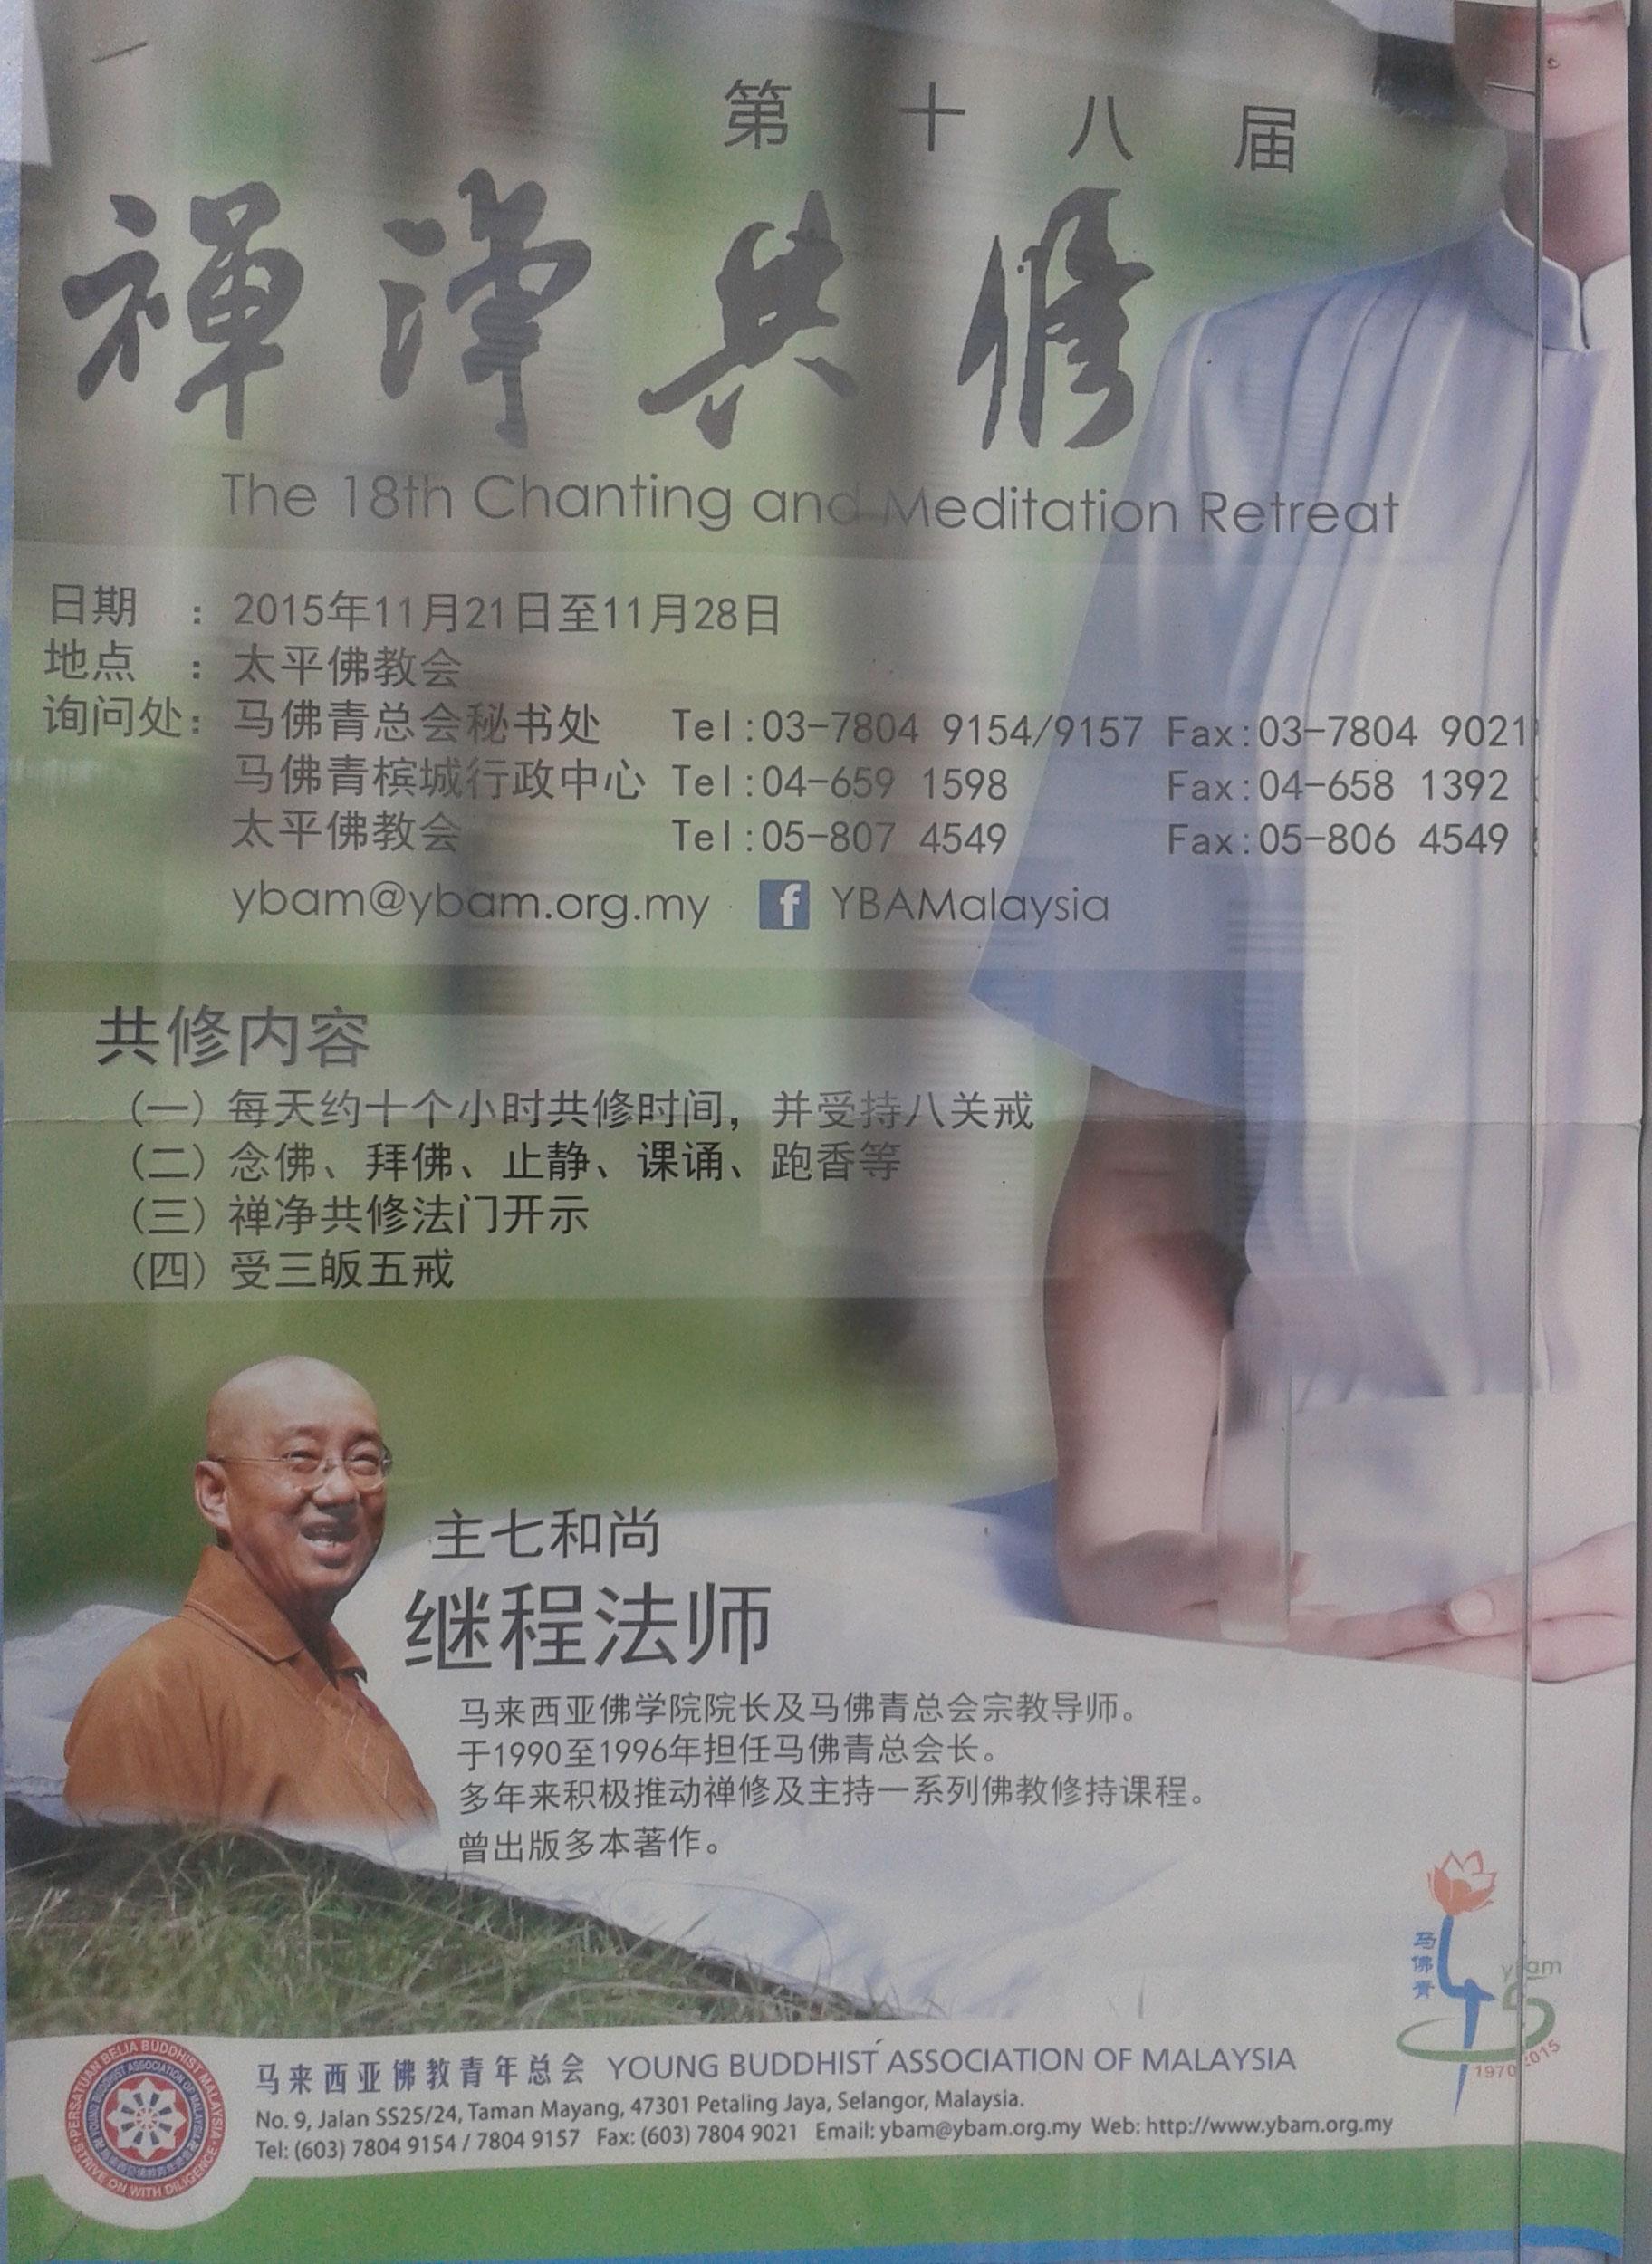 第十八届《禅净共修》 - 太平佛教会